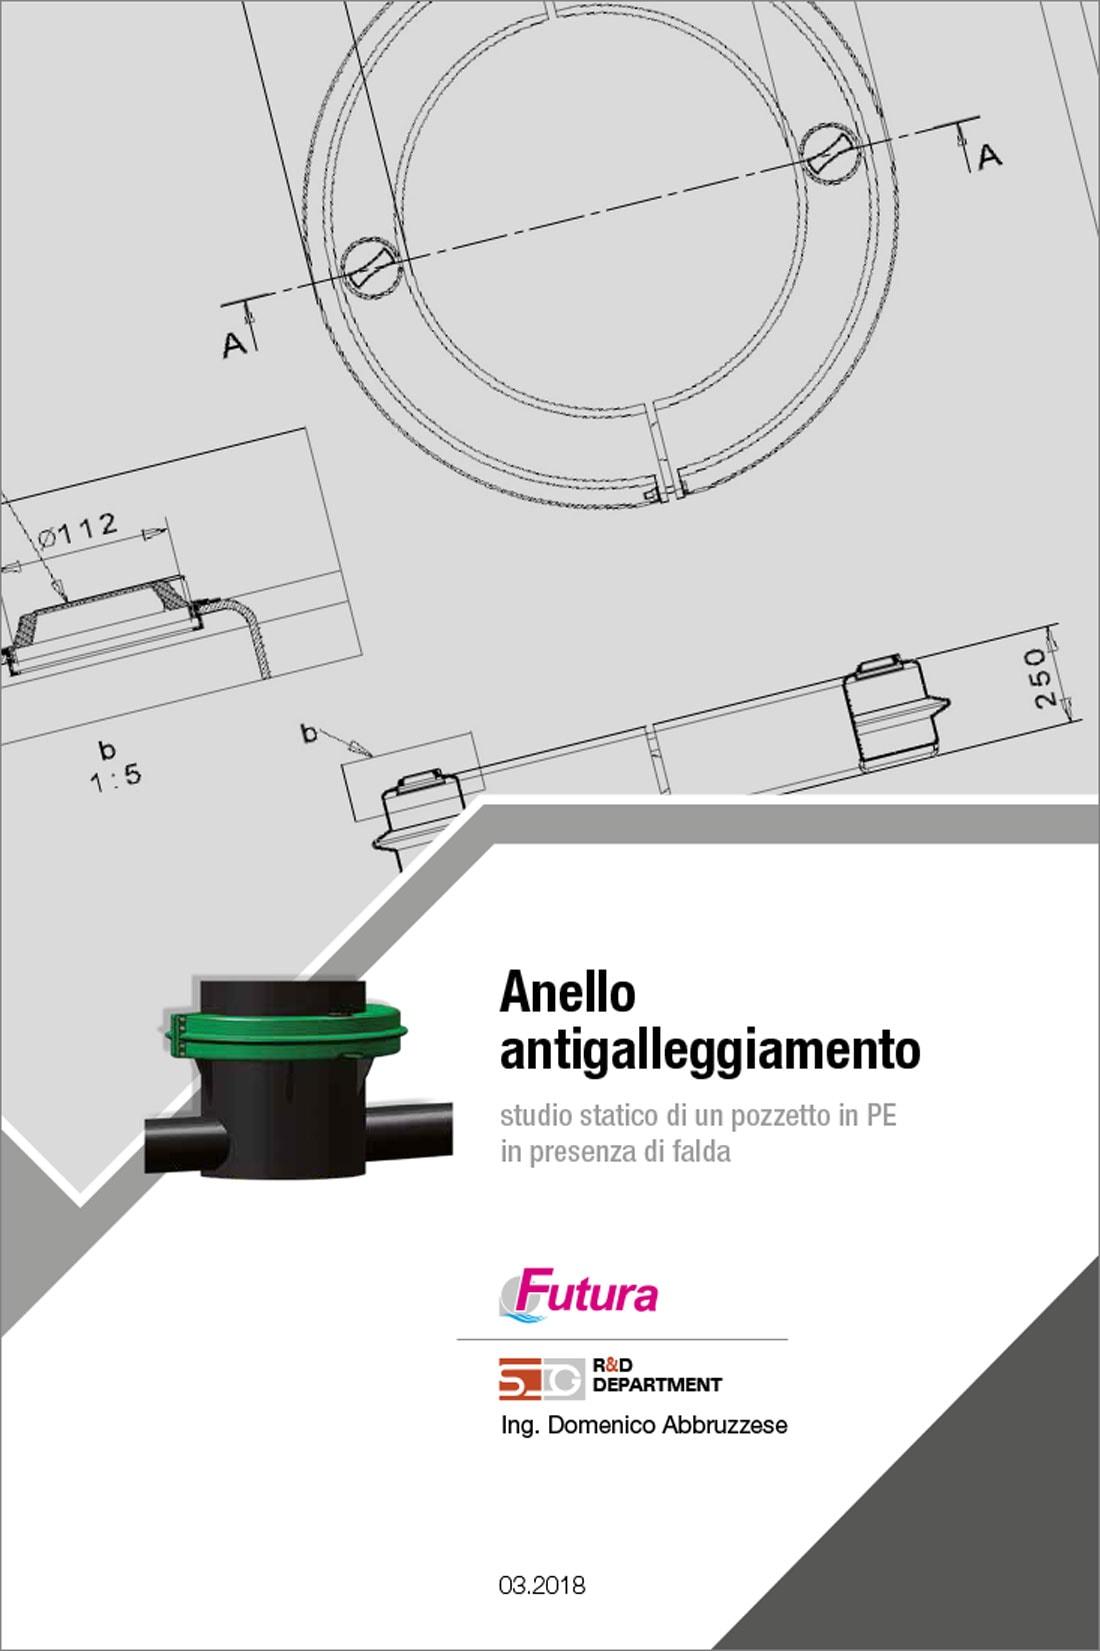 manuale-pozzetto-con-anello-1